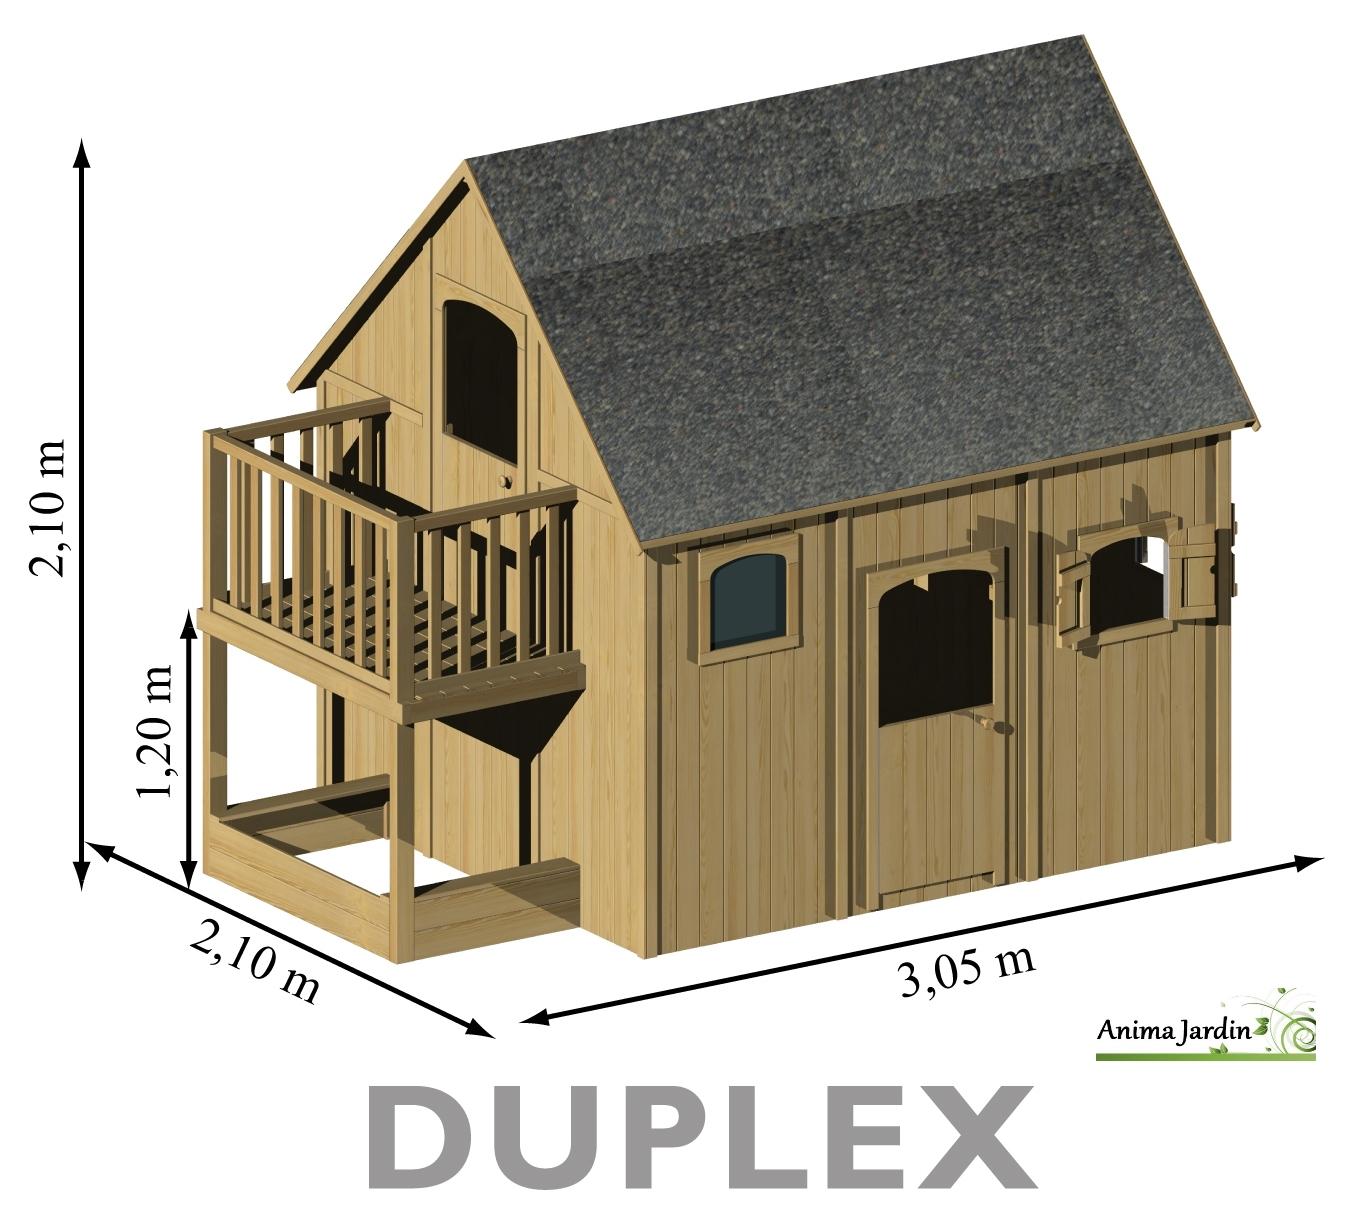 Maisonnette Enfant En Bois, Duplex, Mezzanine, Achat Pas ... encequiconcerne Maison De Jardin Enfant Pas Cher